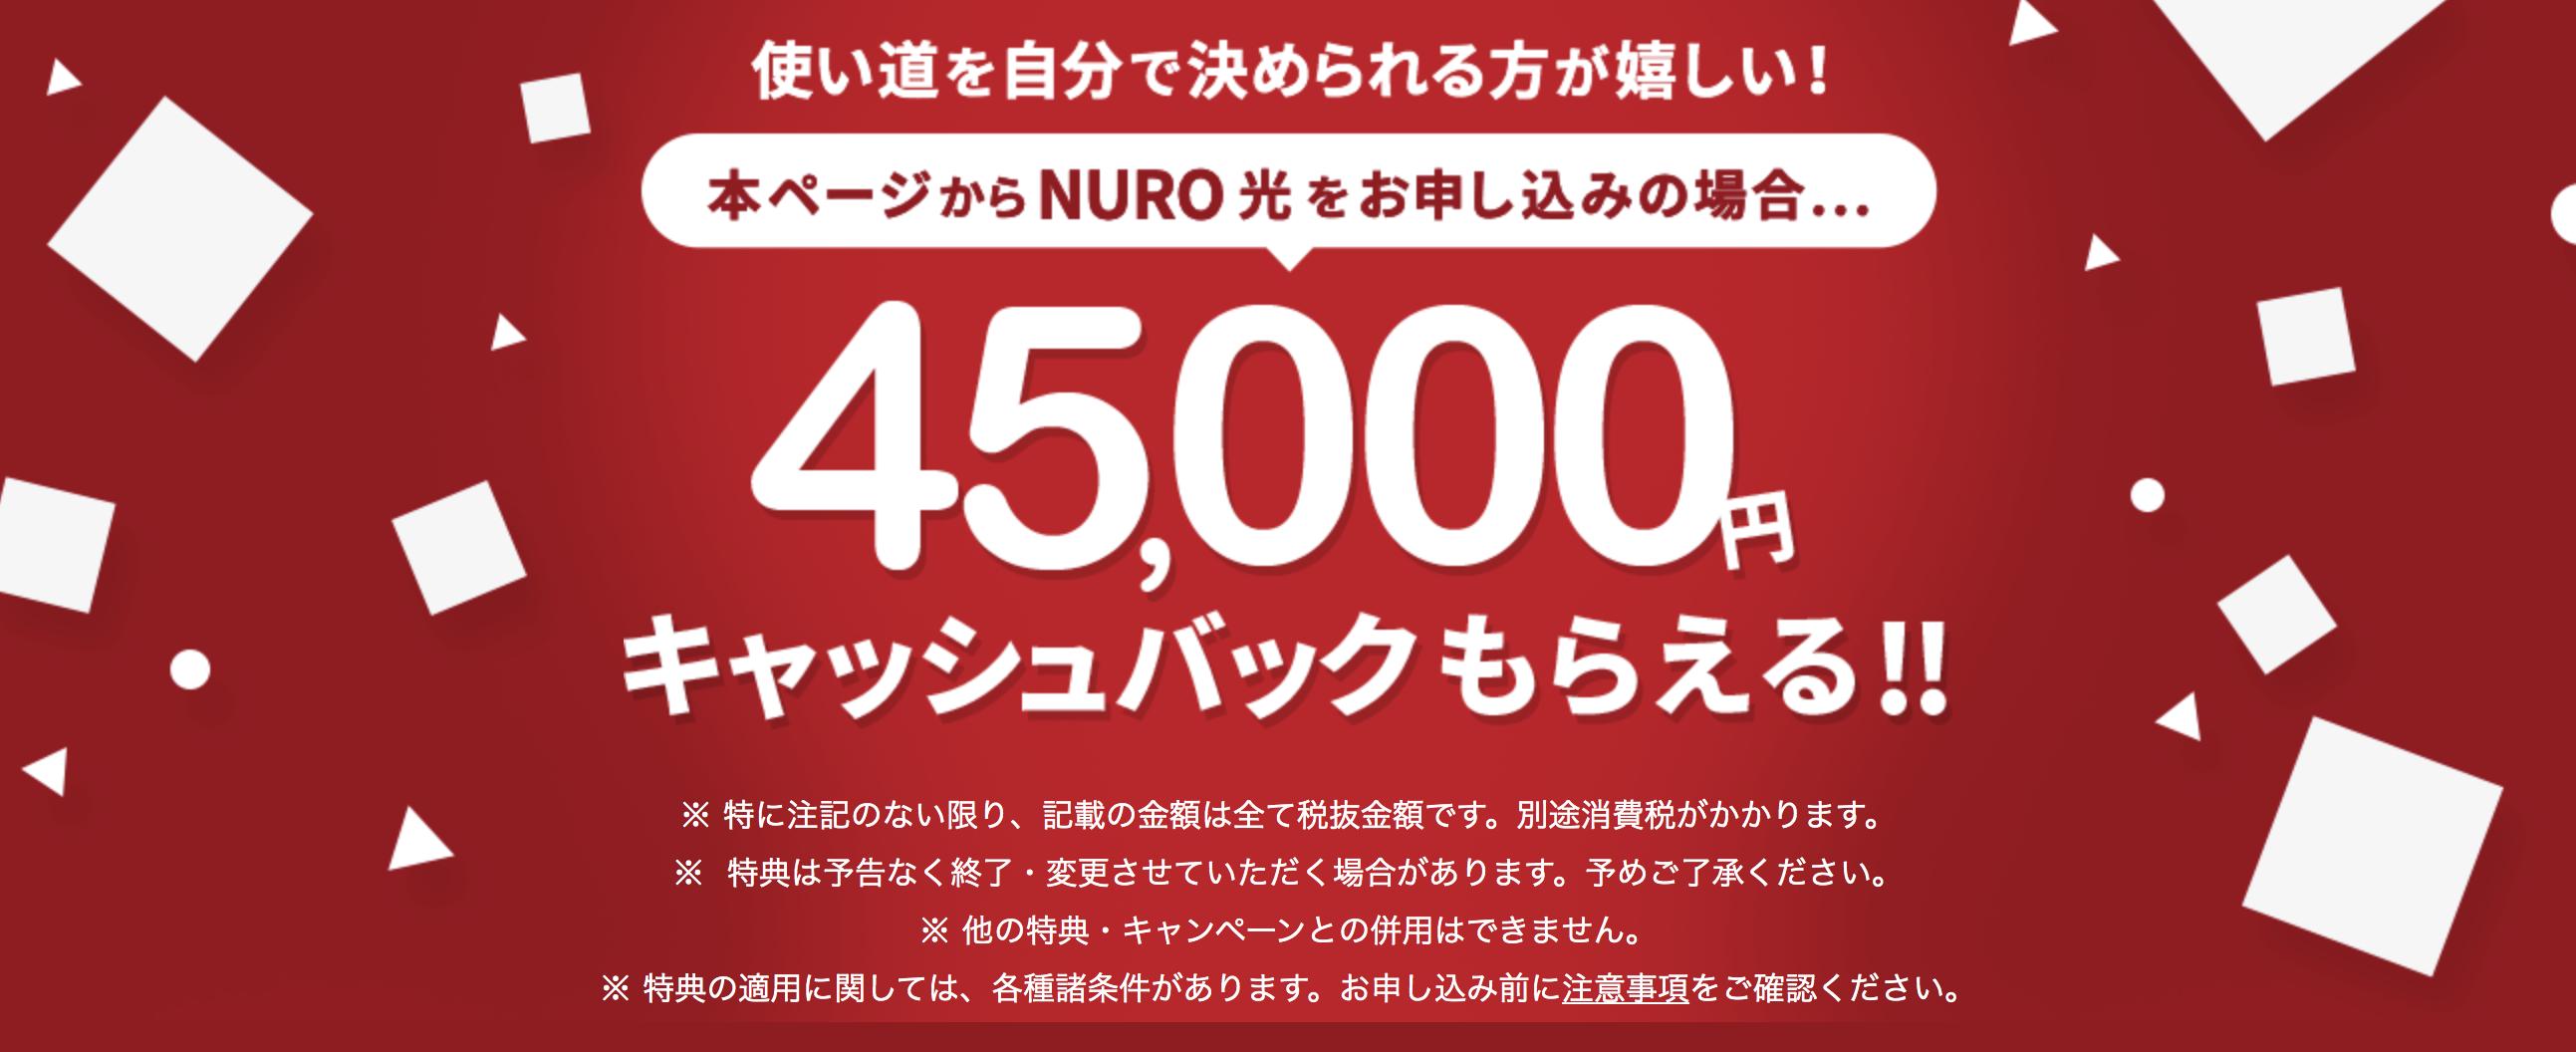 光回線_安い_ソフトバンク_nuro光